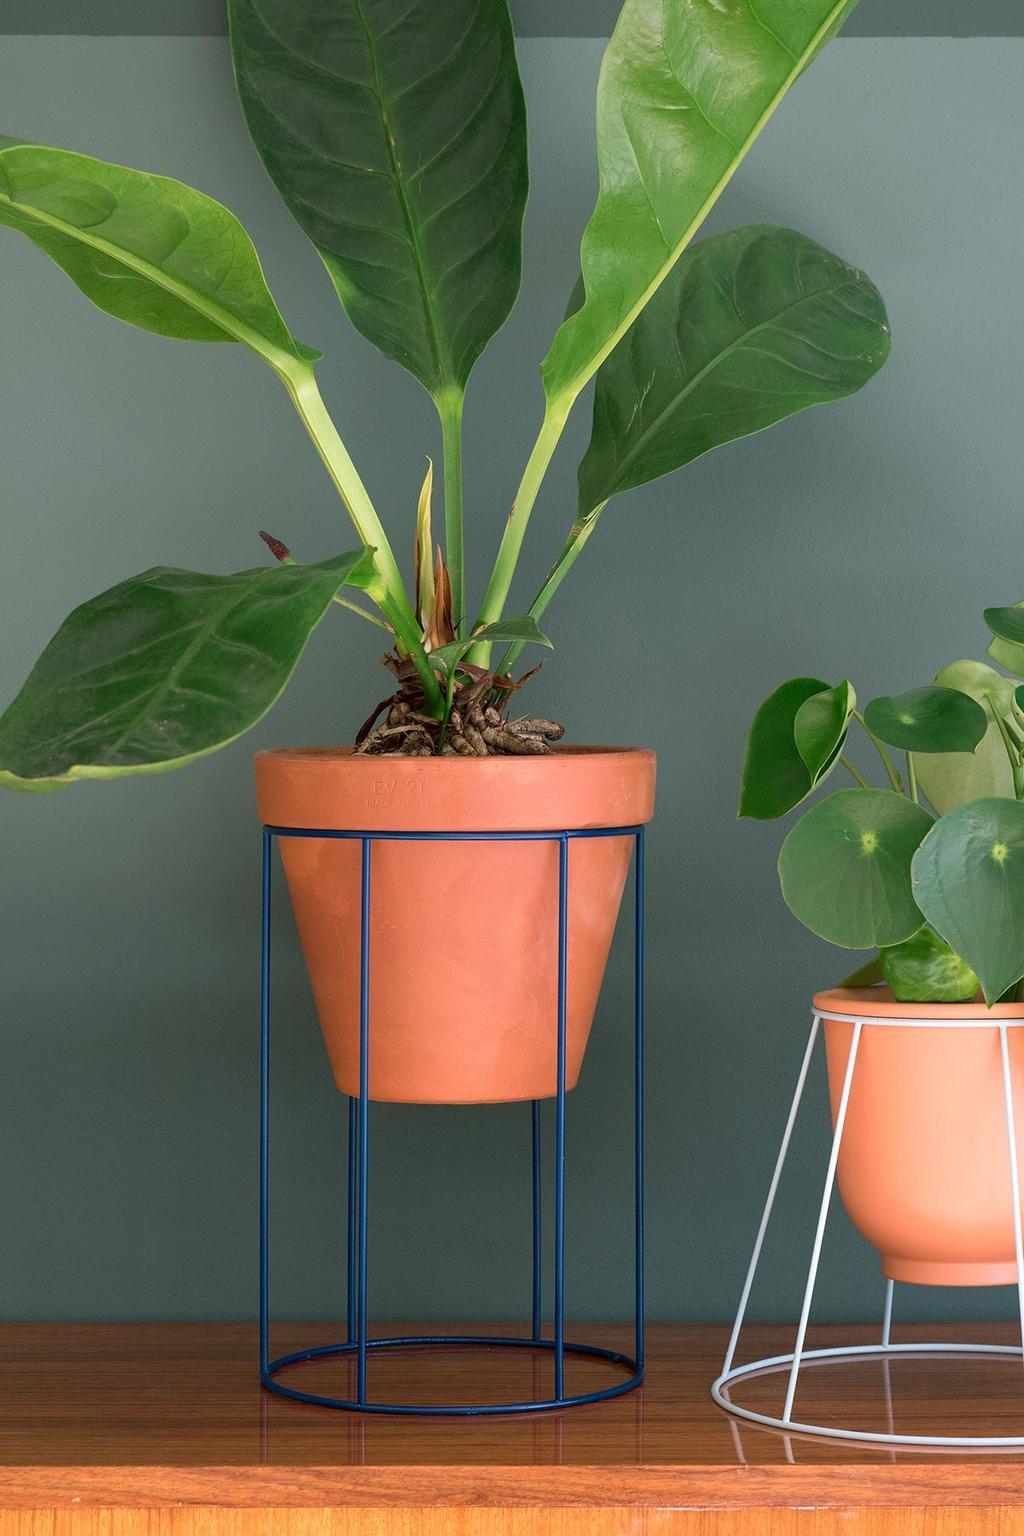 DIY van vtwonen blogger Marij maakt van een oude lampenkap een plantenstandaard